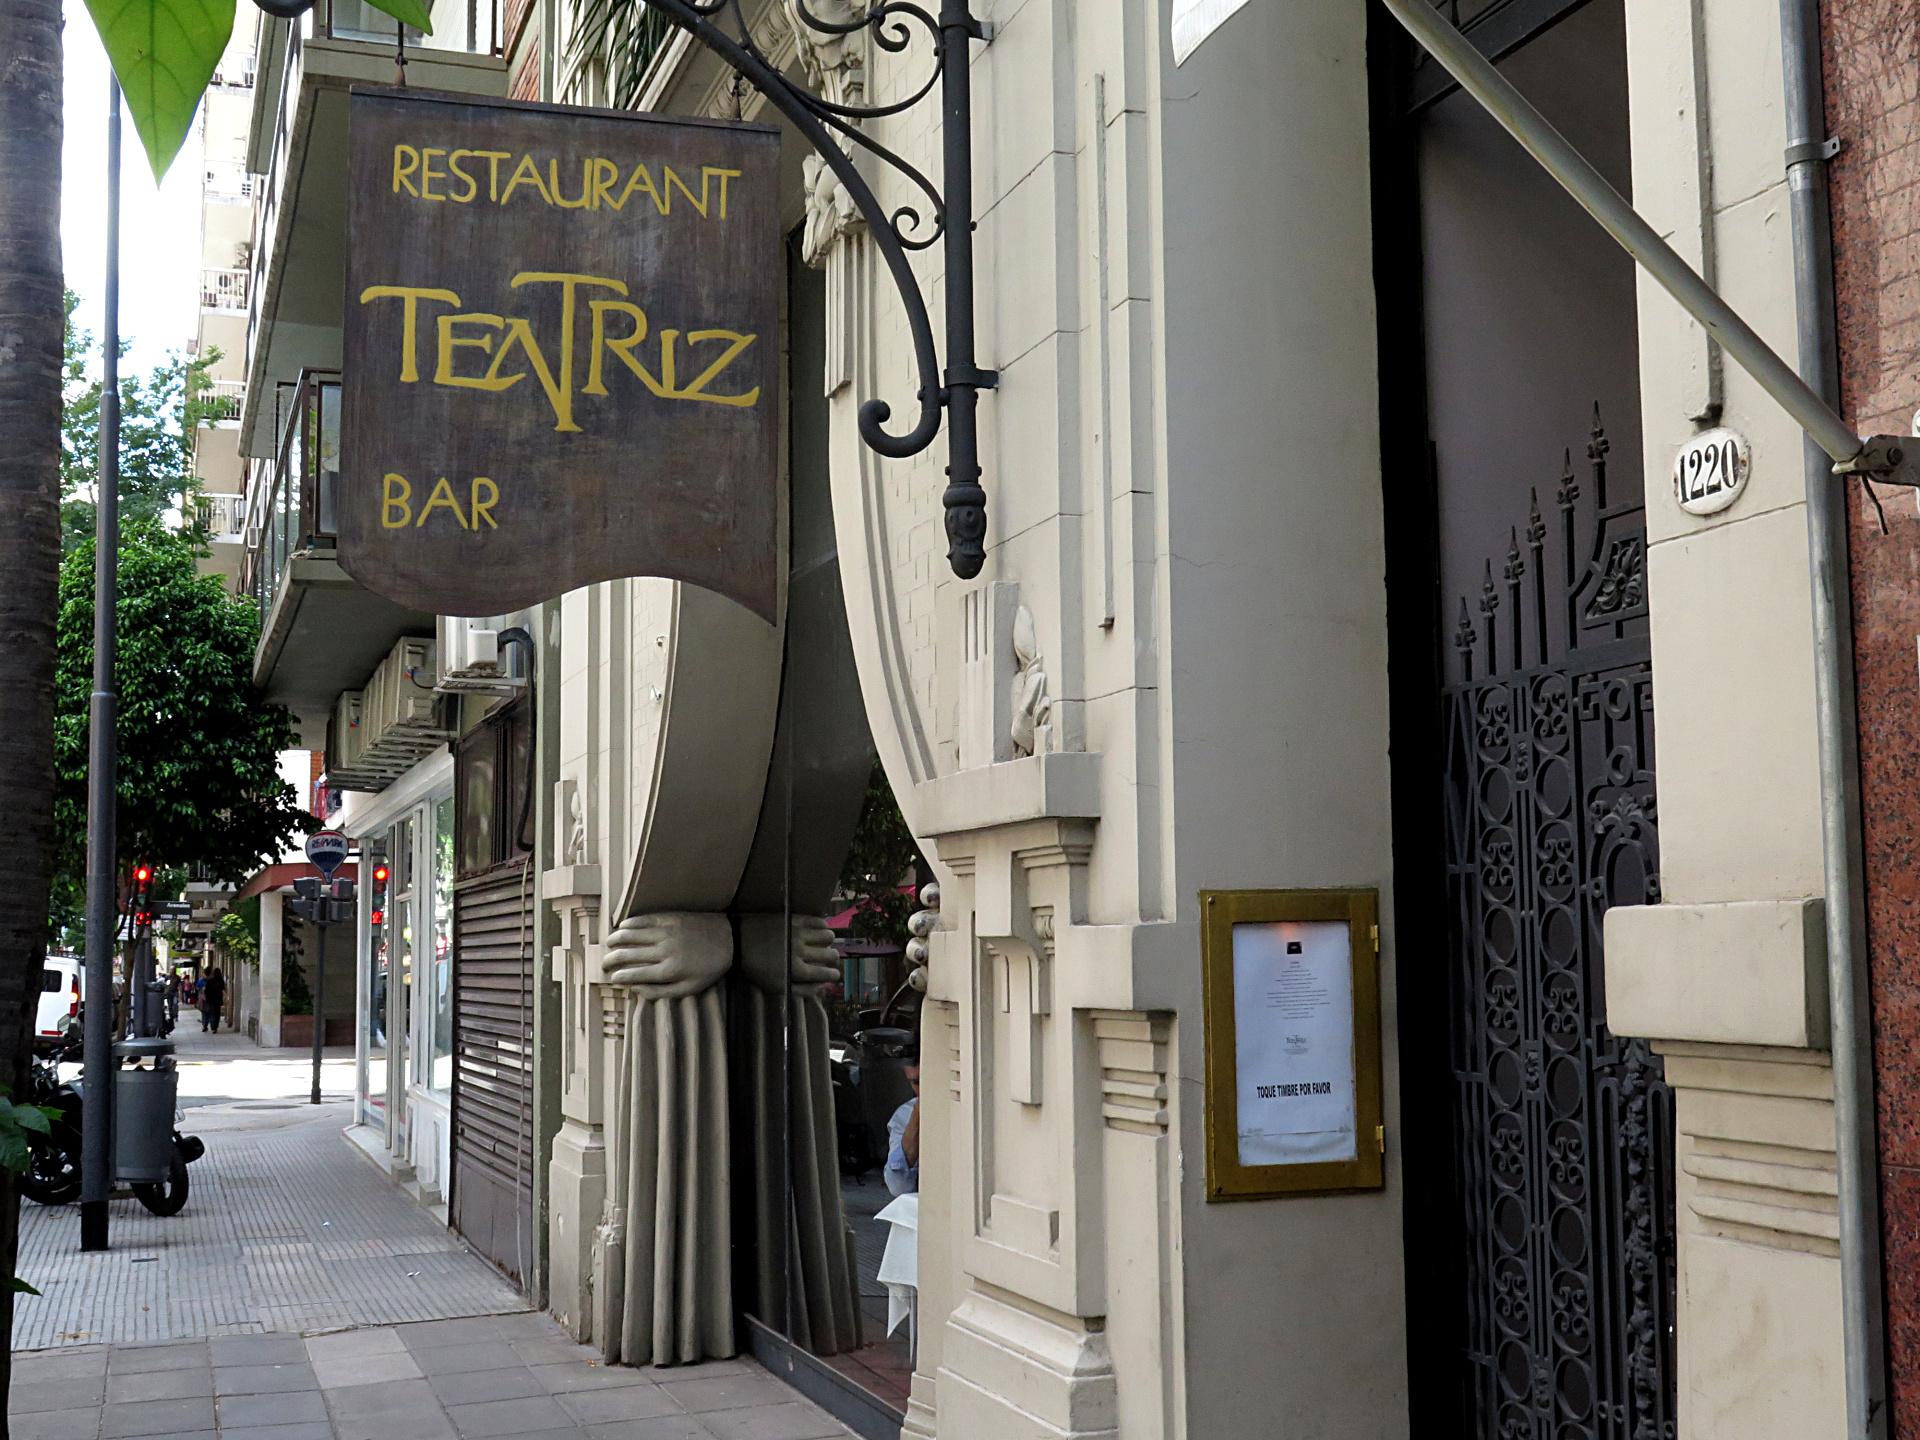 Conoció personalmente al ex presidente Néstor Kirchner en 1998, cuando era gobernador de Santa Cruz, en una cena en el restaurante Teatriz, en el barrio porteño de Recoleta. Hay muchas versiones sobre ese primer encuentro, entre ellas, que quien lo llevó a hablar con Kirchner fue su esposa, Cristina Fernández de Kirchner.